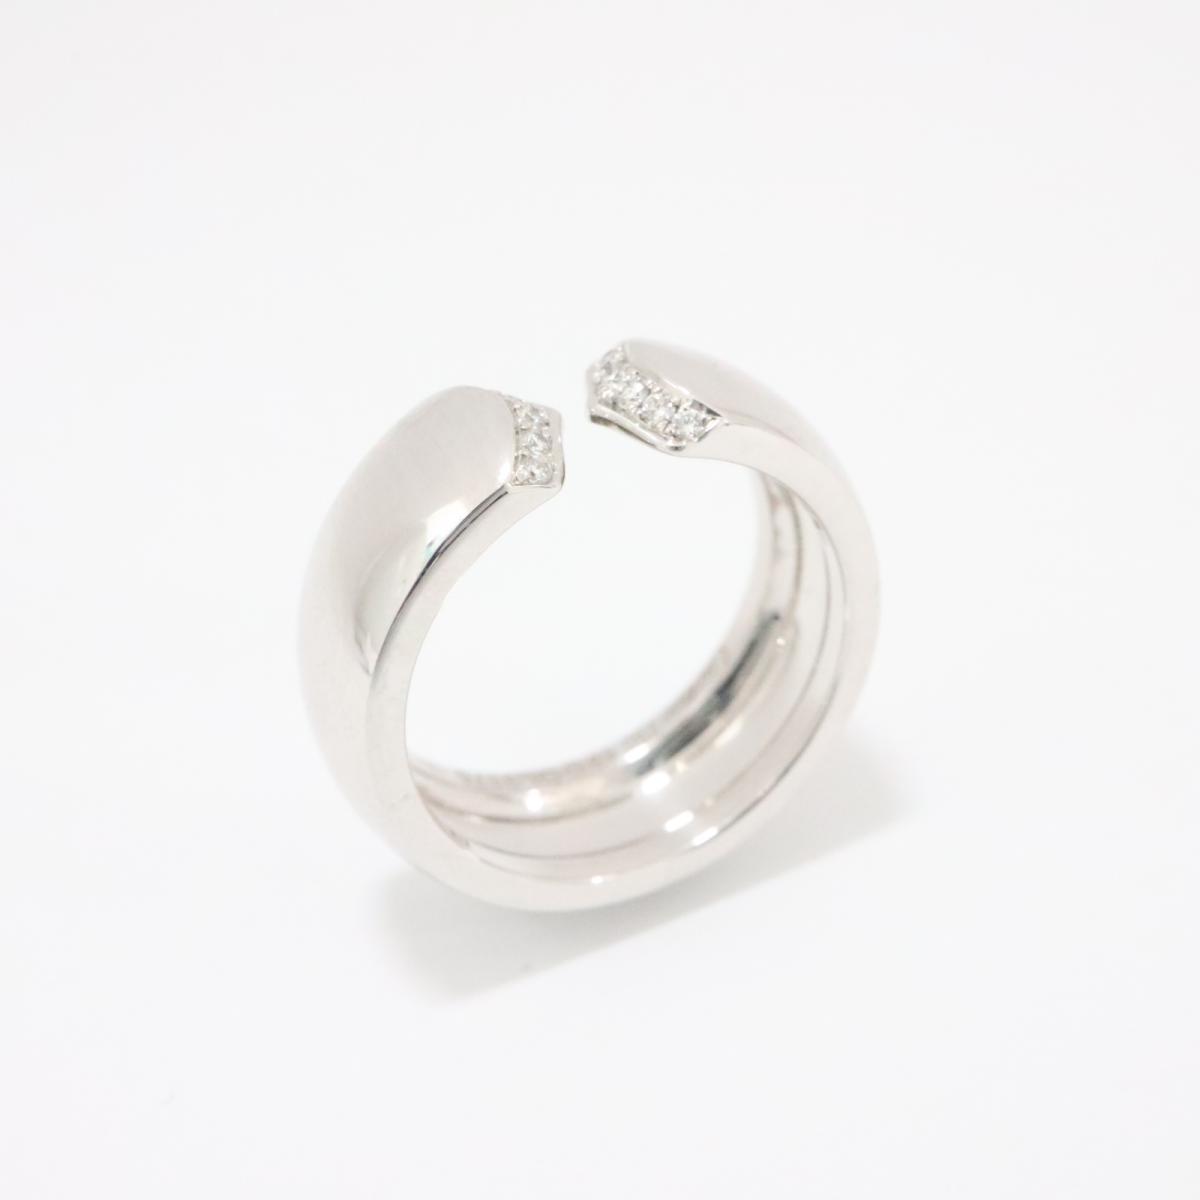 【中古】カルティエ C2 ダイヤリング 指輪 レディース K18WG (750) ホワイトゴールド x ダイヤモンド CT記載無し シルバー | Cartier リング K18 18K 18金 C2 ダイヤリング 美品 ブランドオフ BRANDOFF